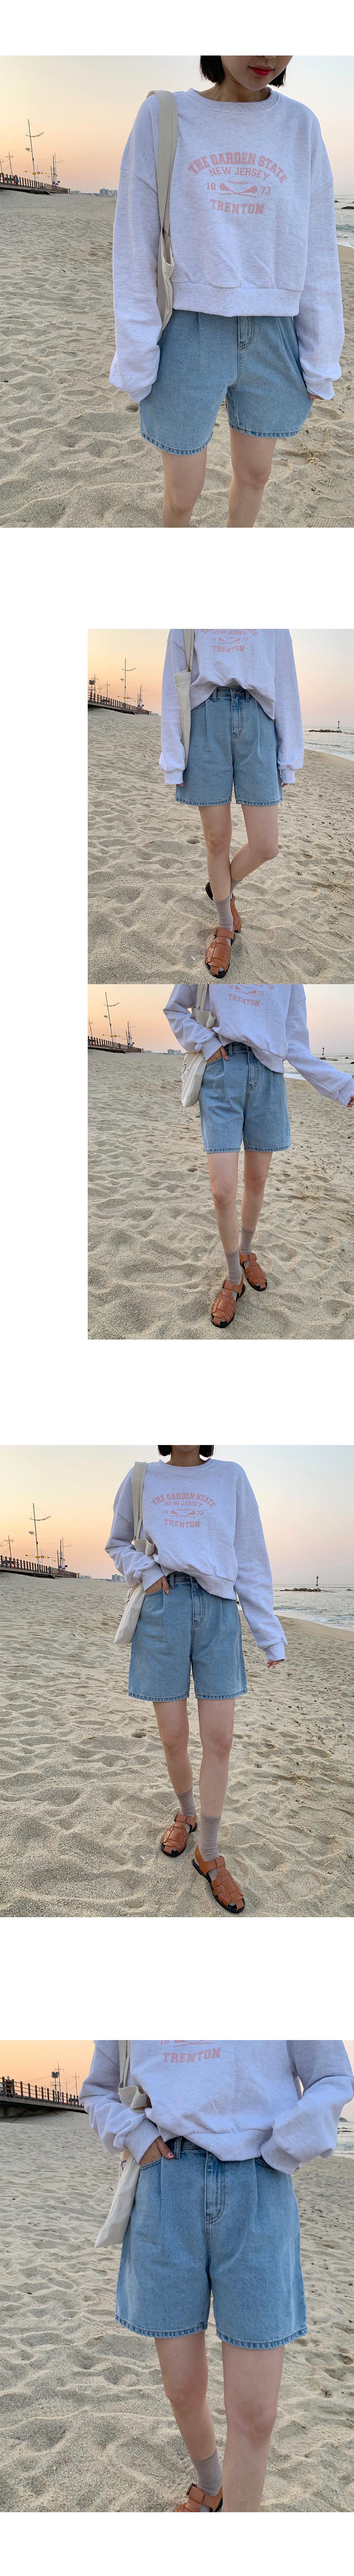 kogage sandals